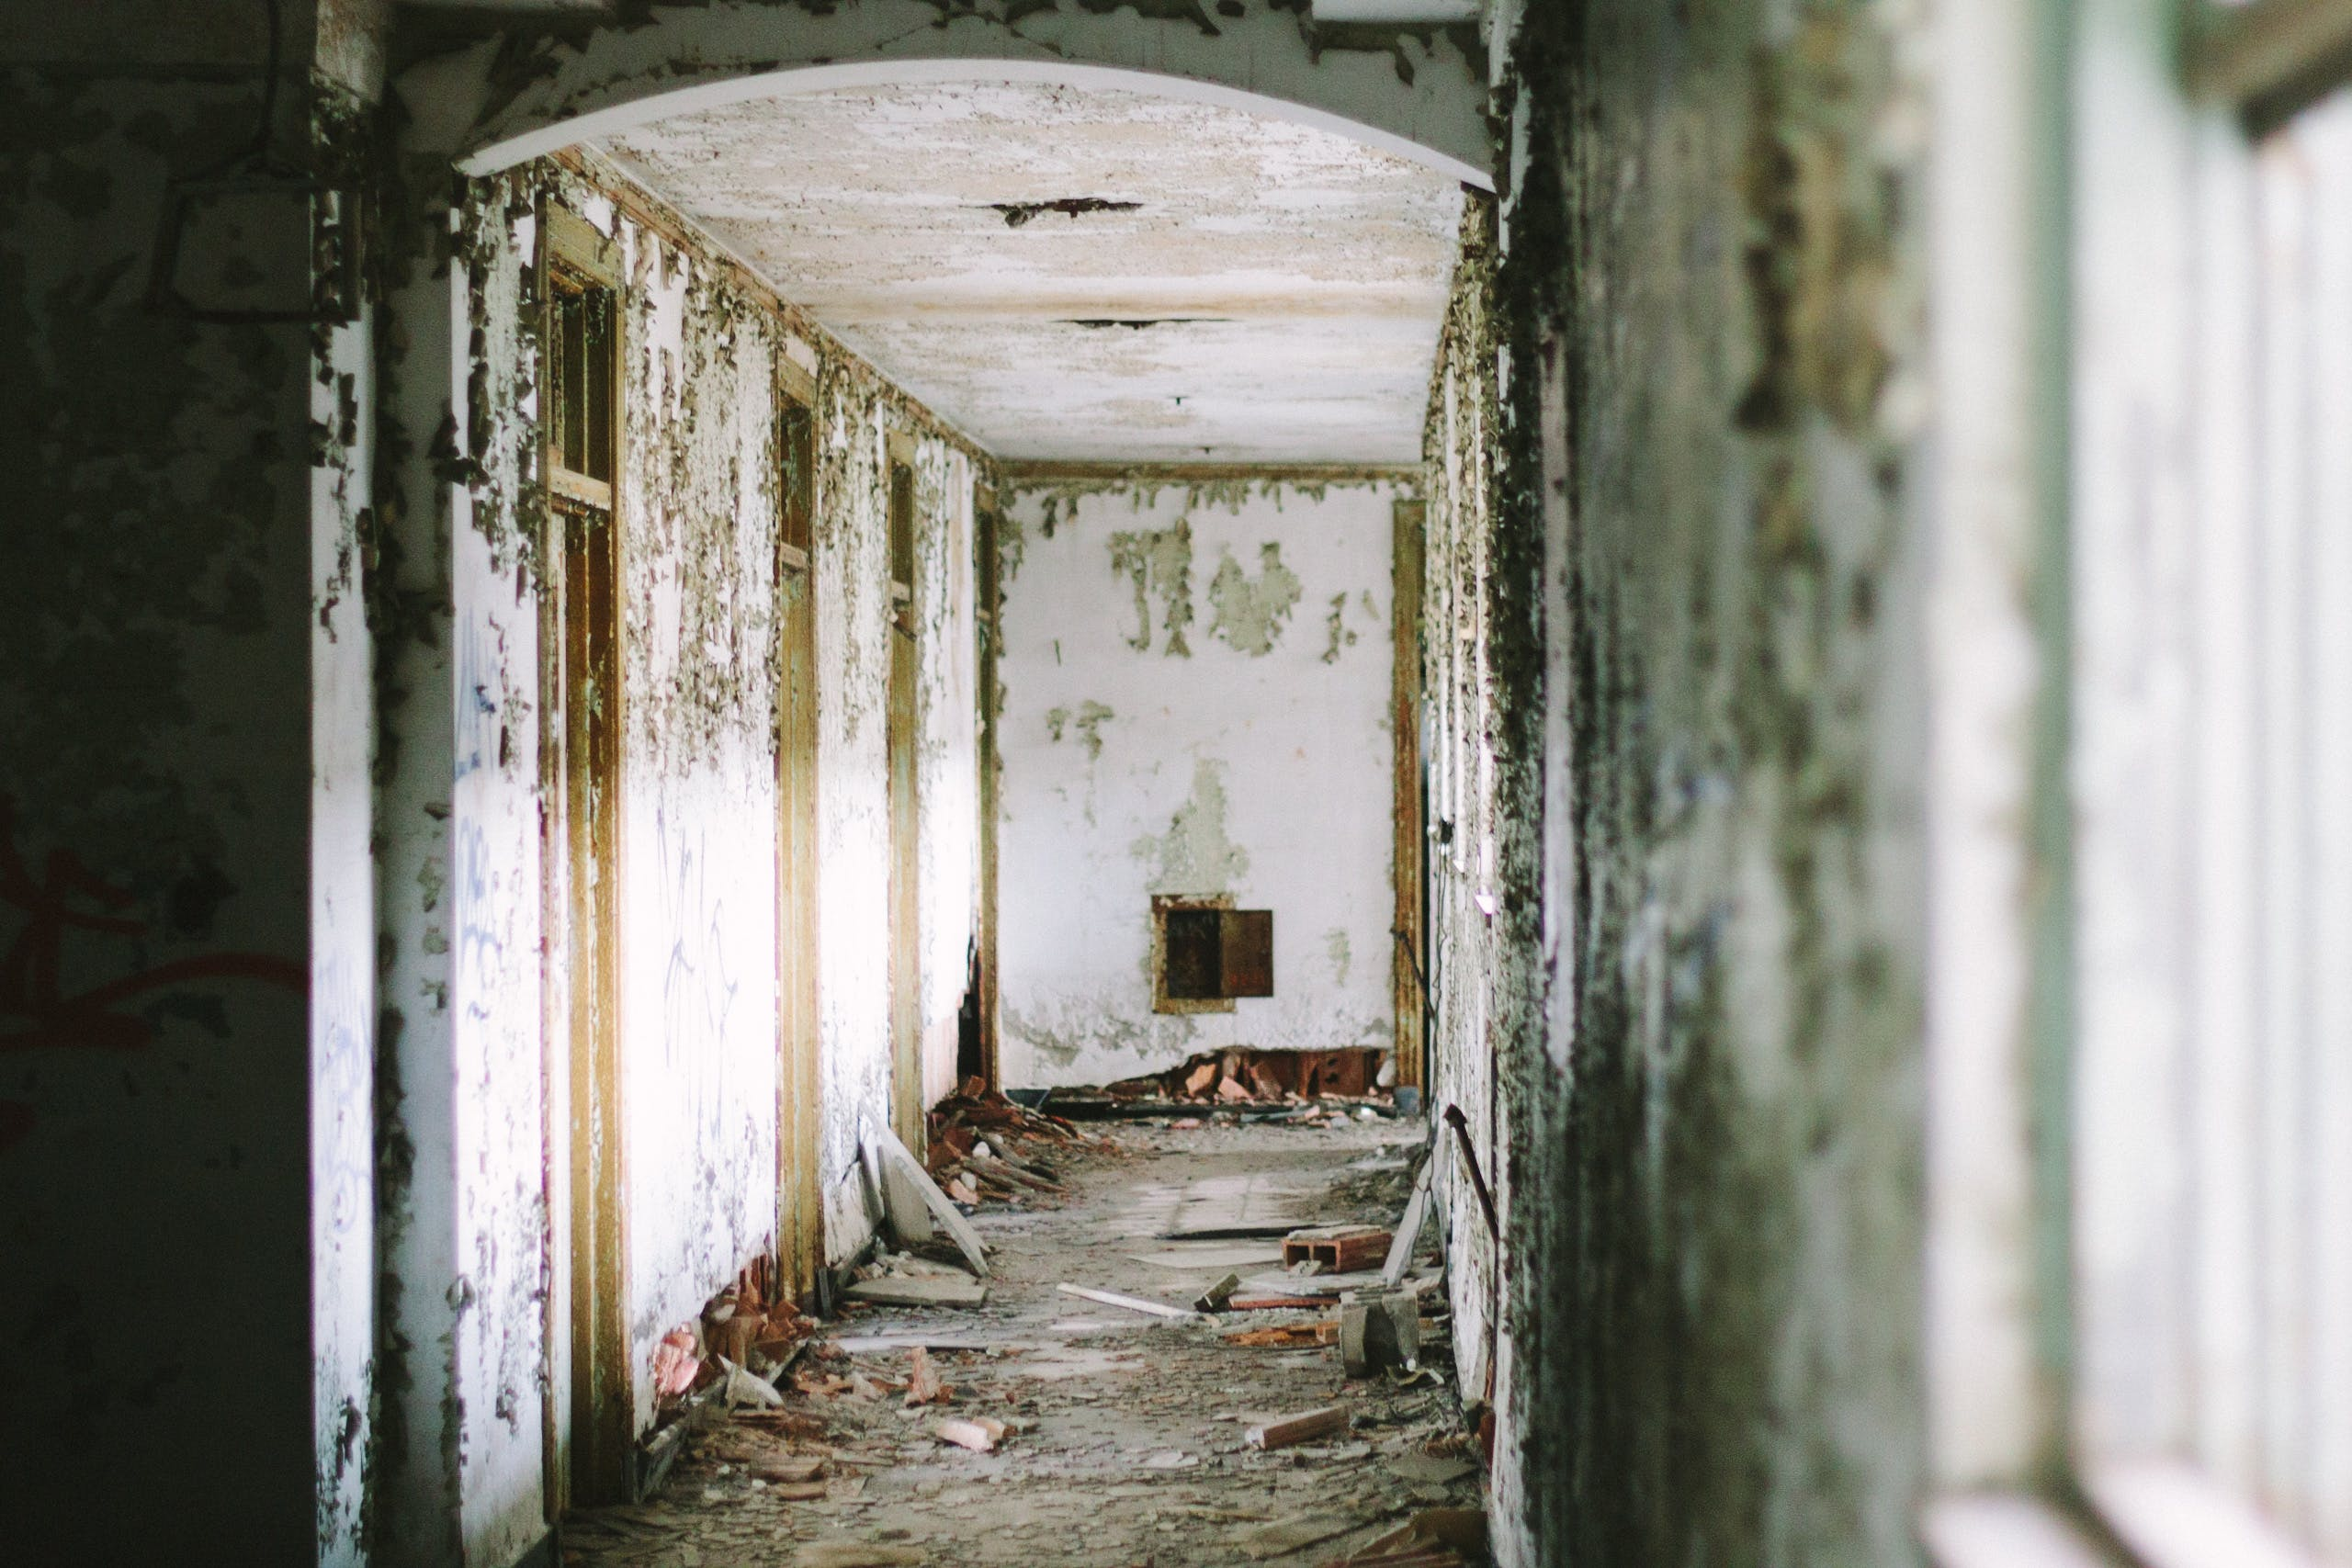 Kostnadsfri bild av byggnad, dörröppning, förfall, hall